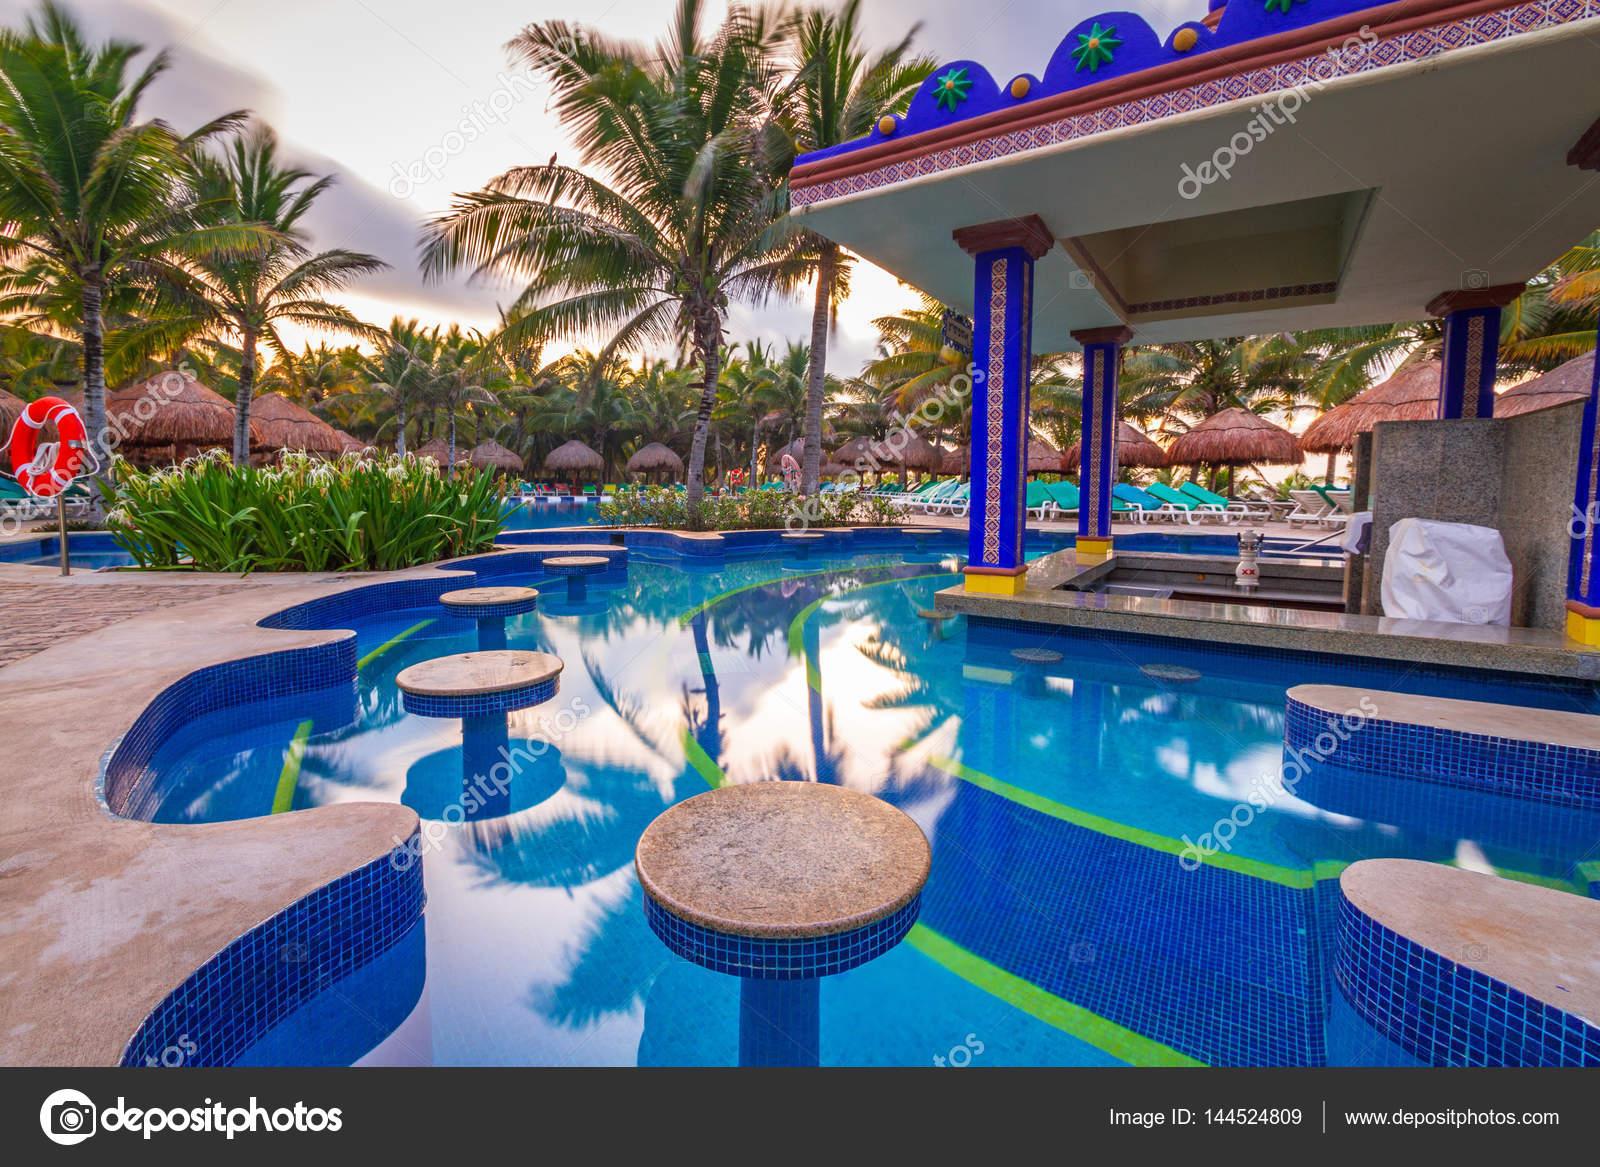 Bar presso la piscina di lusso presso l 39 hotel riu yucatan a playa del carmen foto editoriale - Piscina laghetto playa prezzo ...